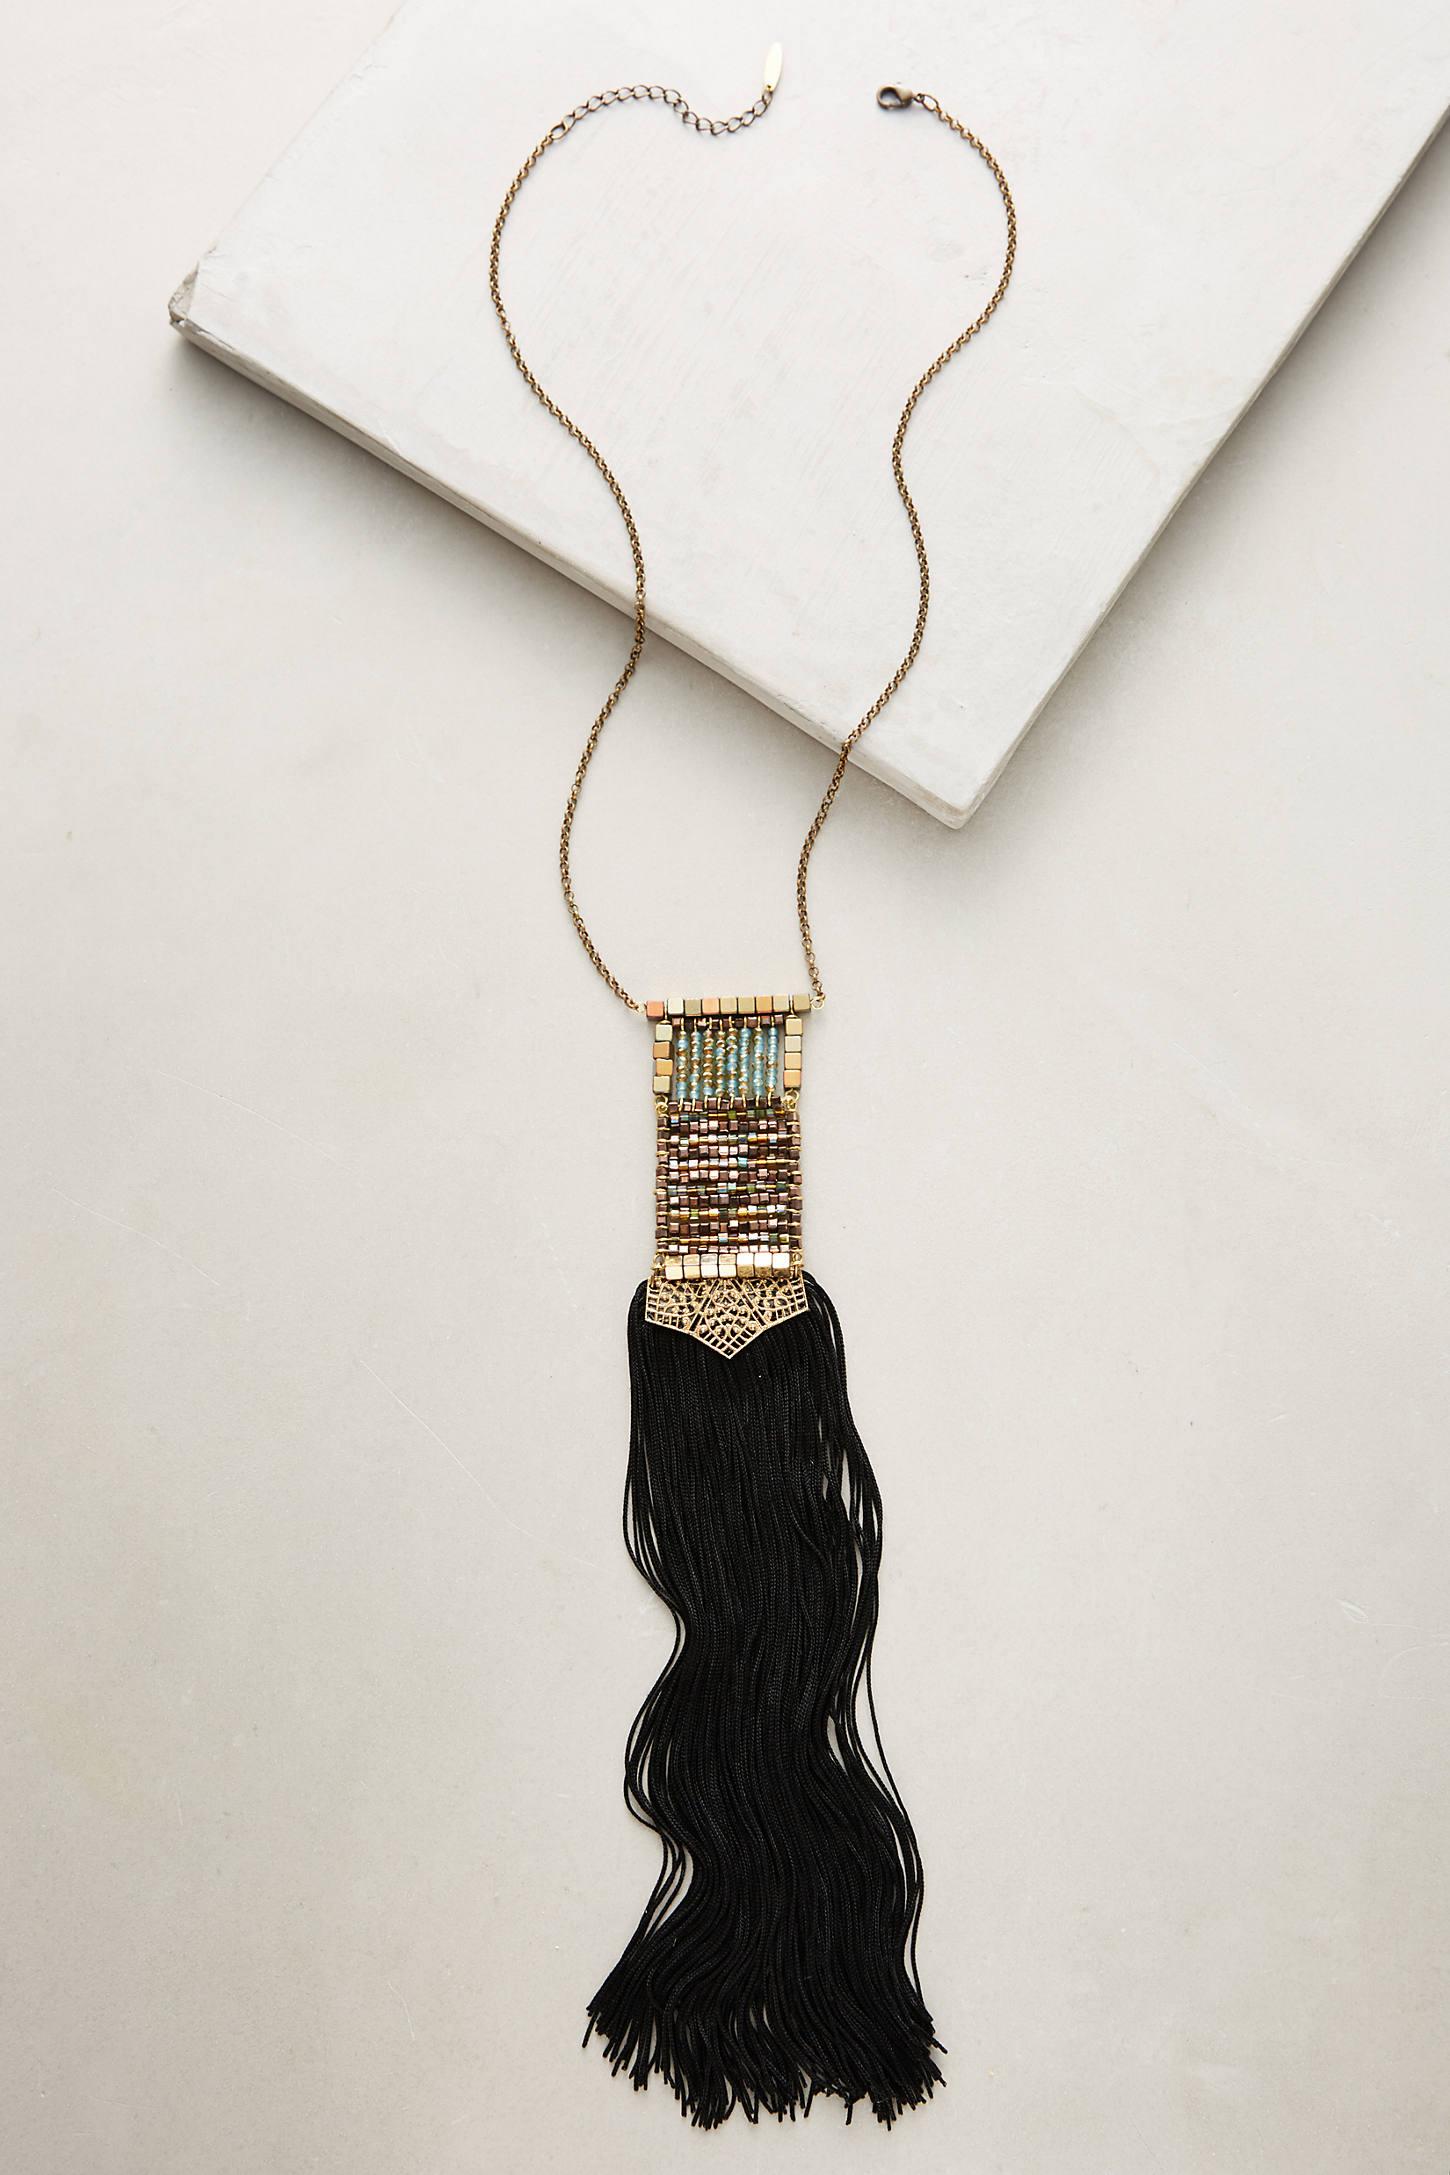 Odeisa Tassel Necklace